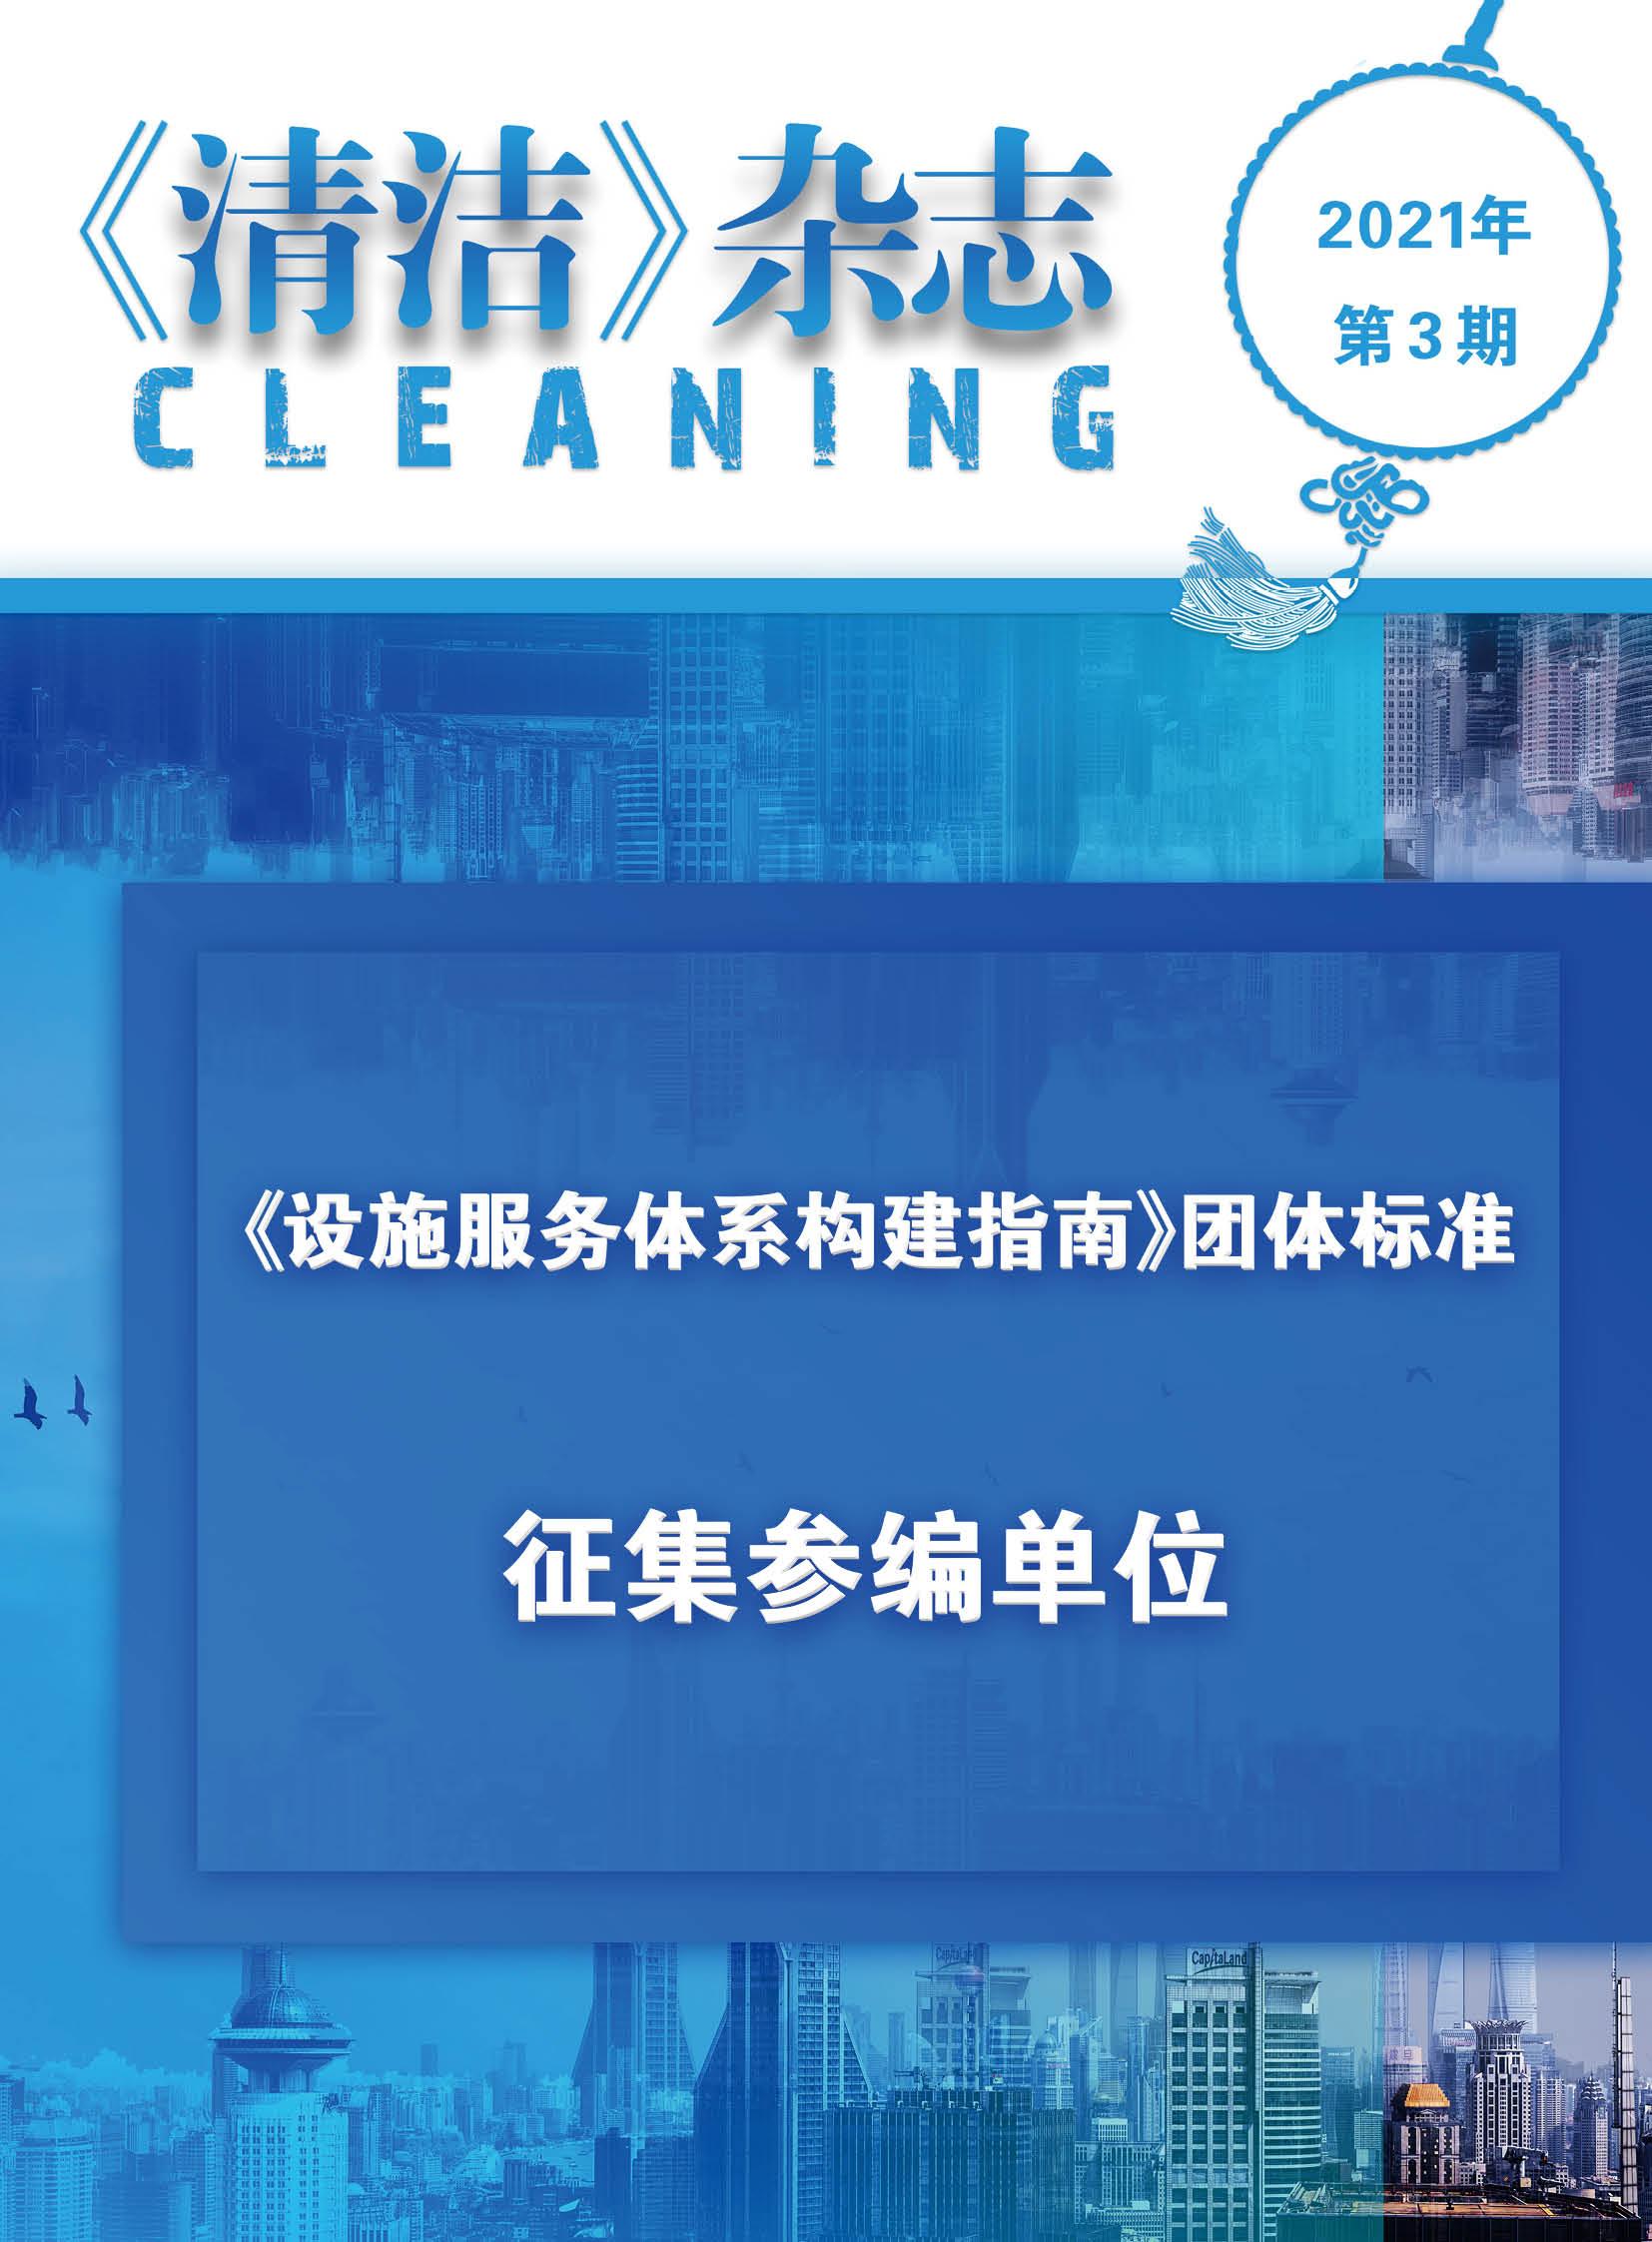 《清洁》杂志 2021年第三期电子杂志